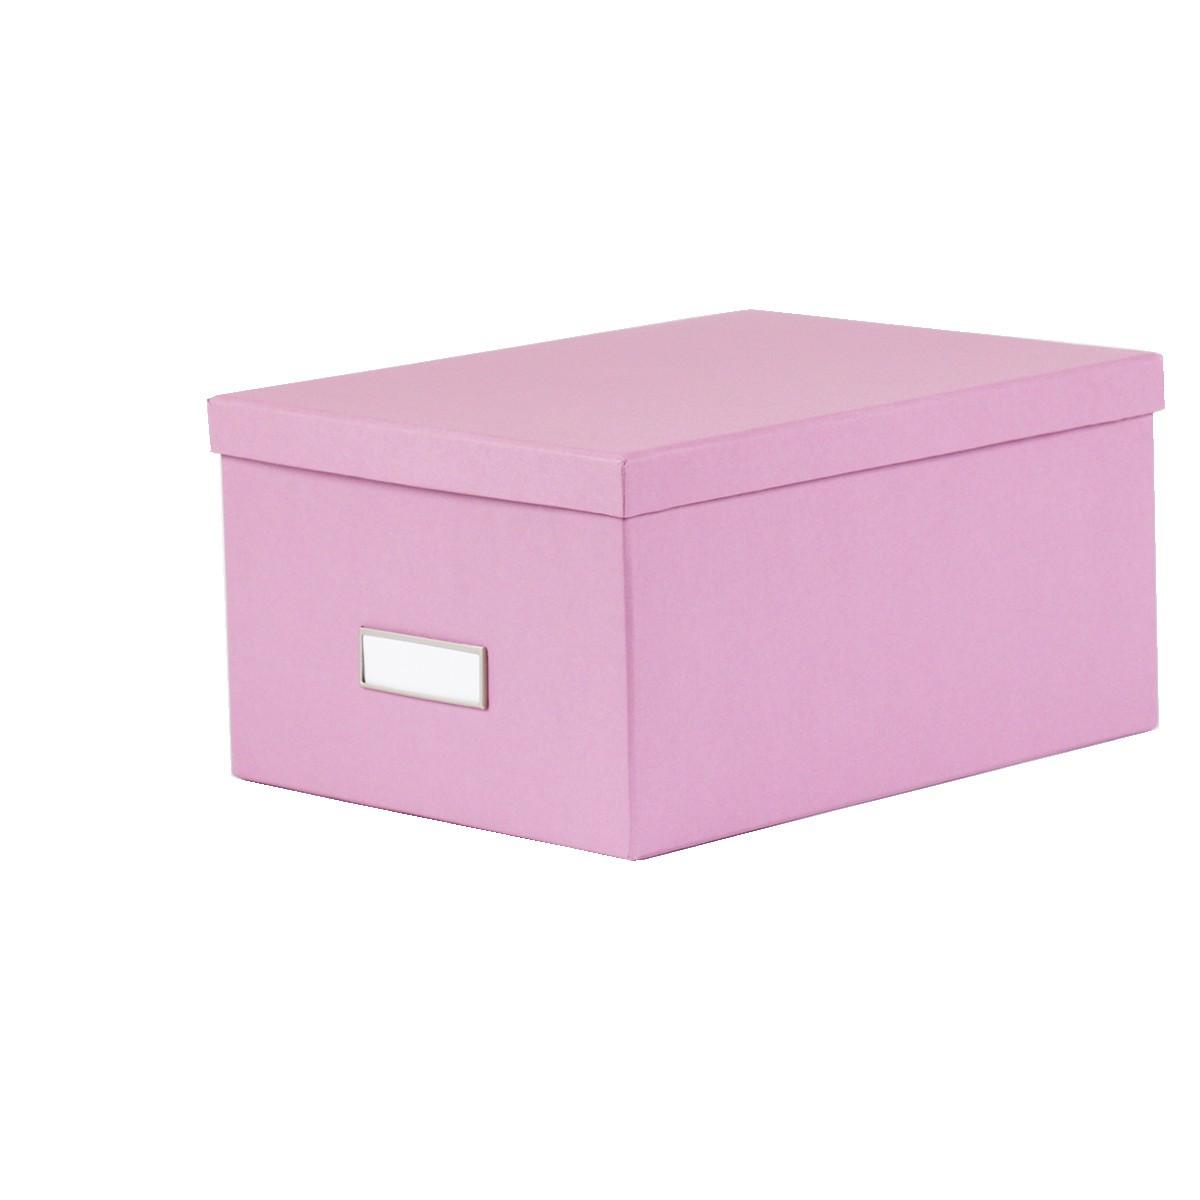 Bo te de rangement dvd en carton lilas - Boite de rangement carton ikea ...